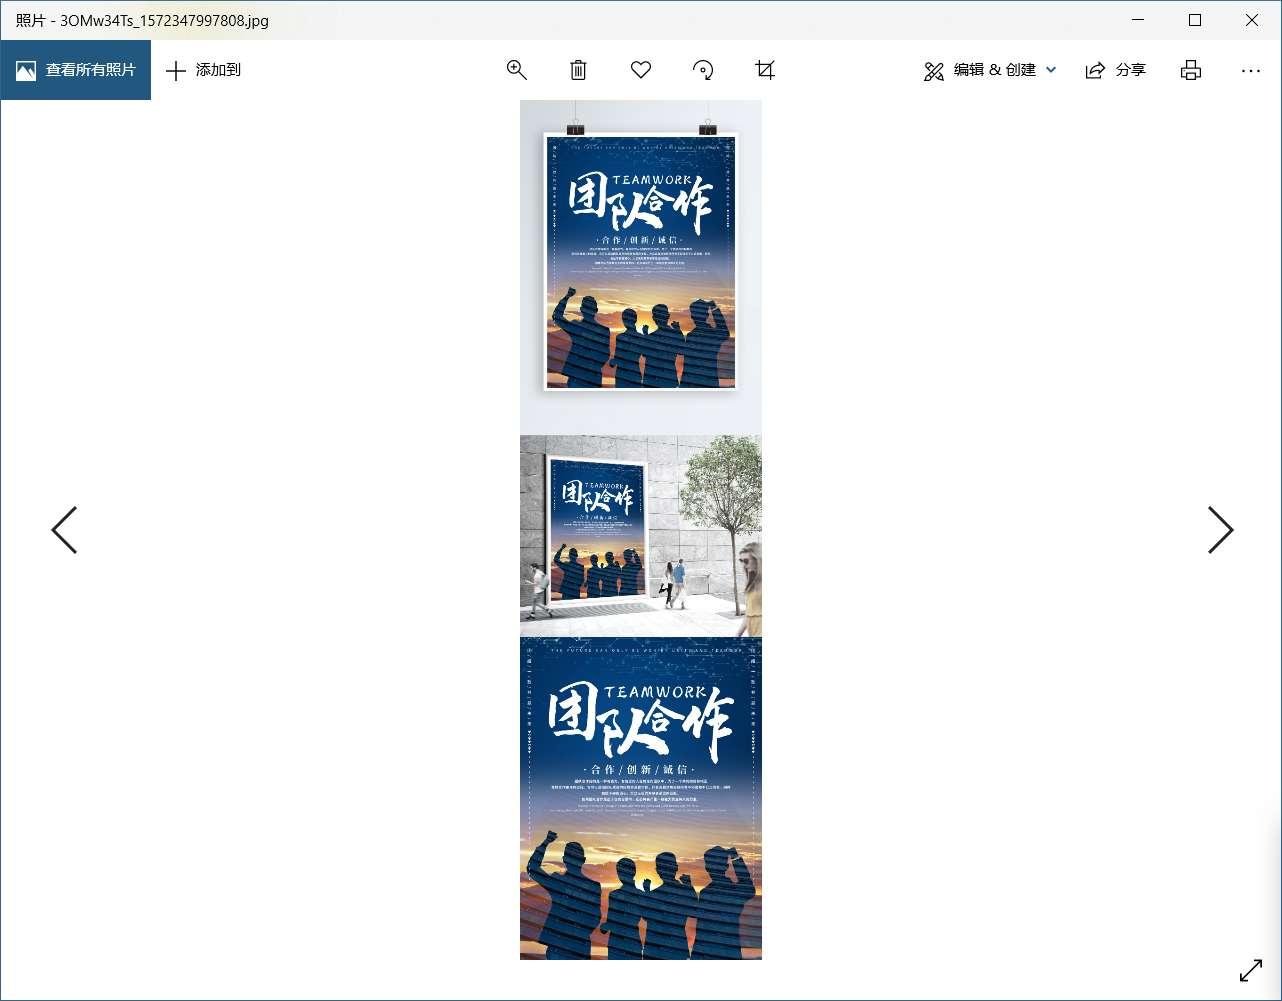 【PC】千图网去水印下载  文库下载